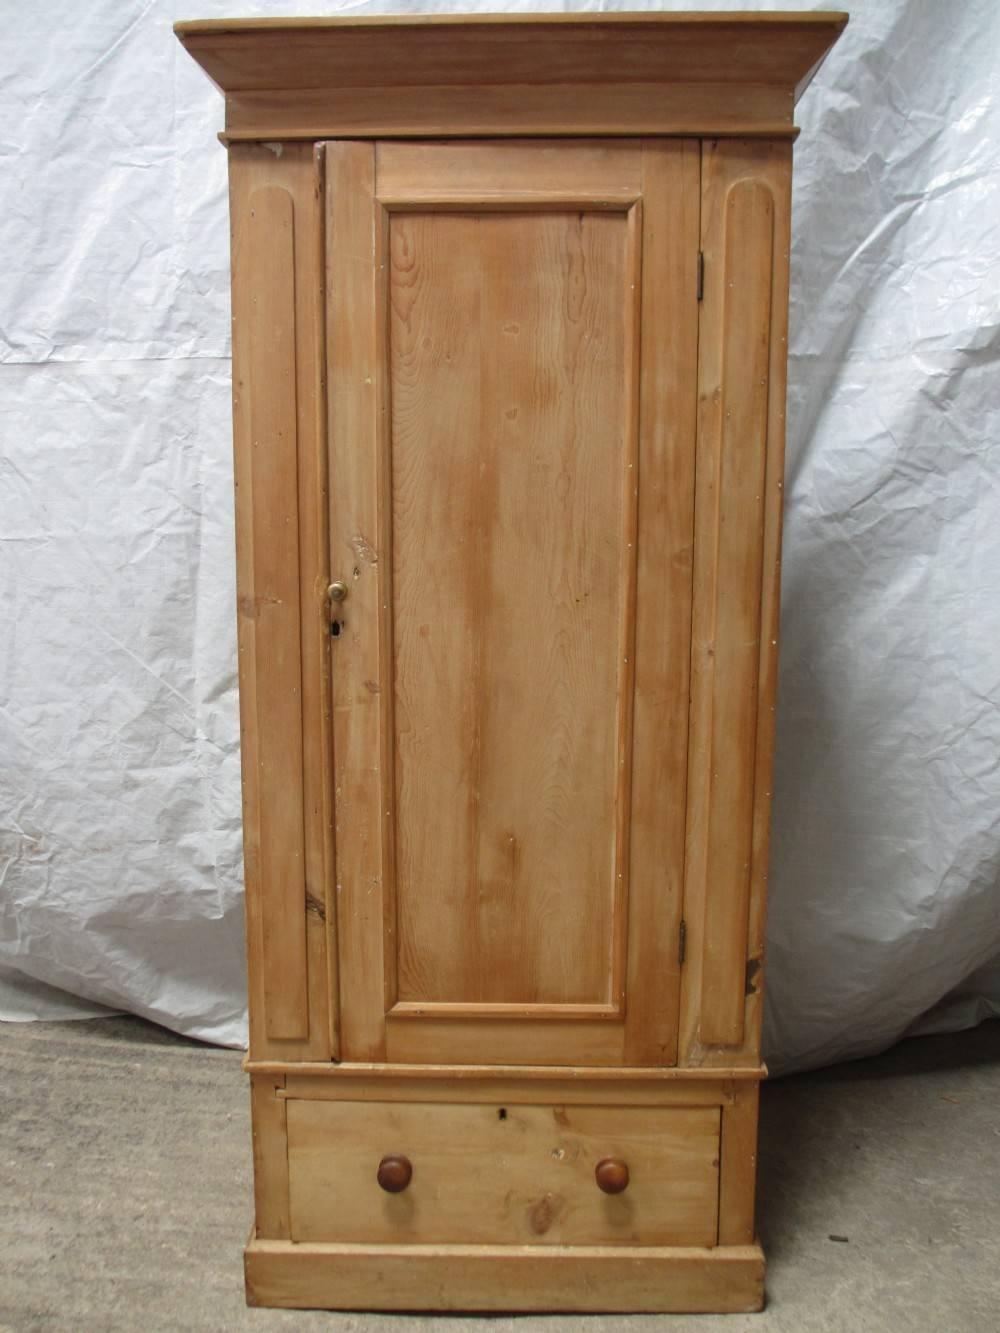 Victorian Pine Single Door Wardrobe With Drawer Under | 263126 for Victorian Pine Wardrobes (Image 10 of 15)